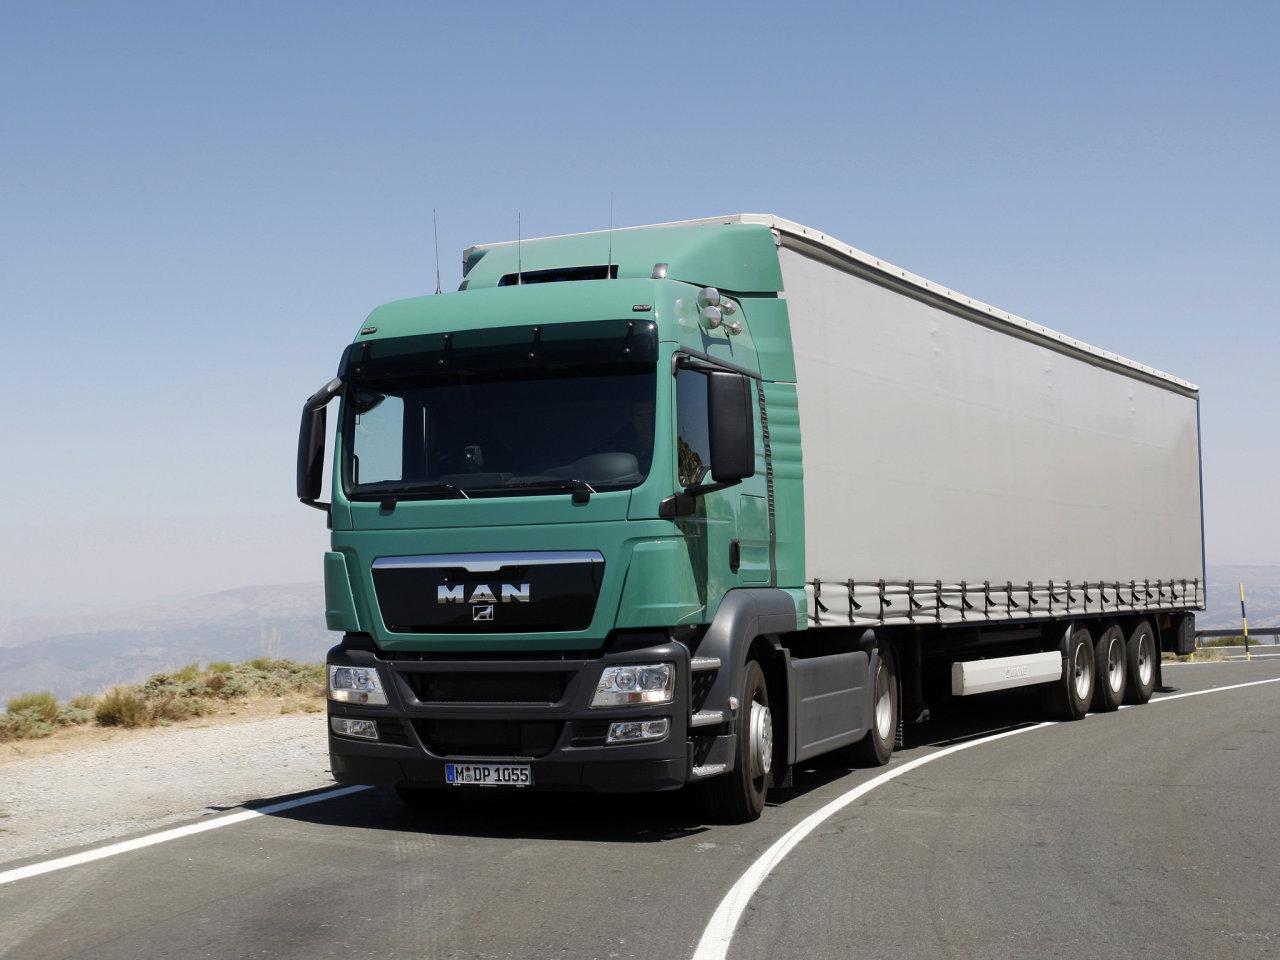 Путевой лист для грузового авто